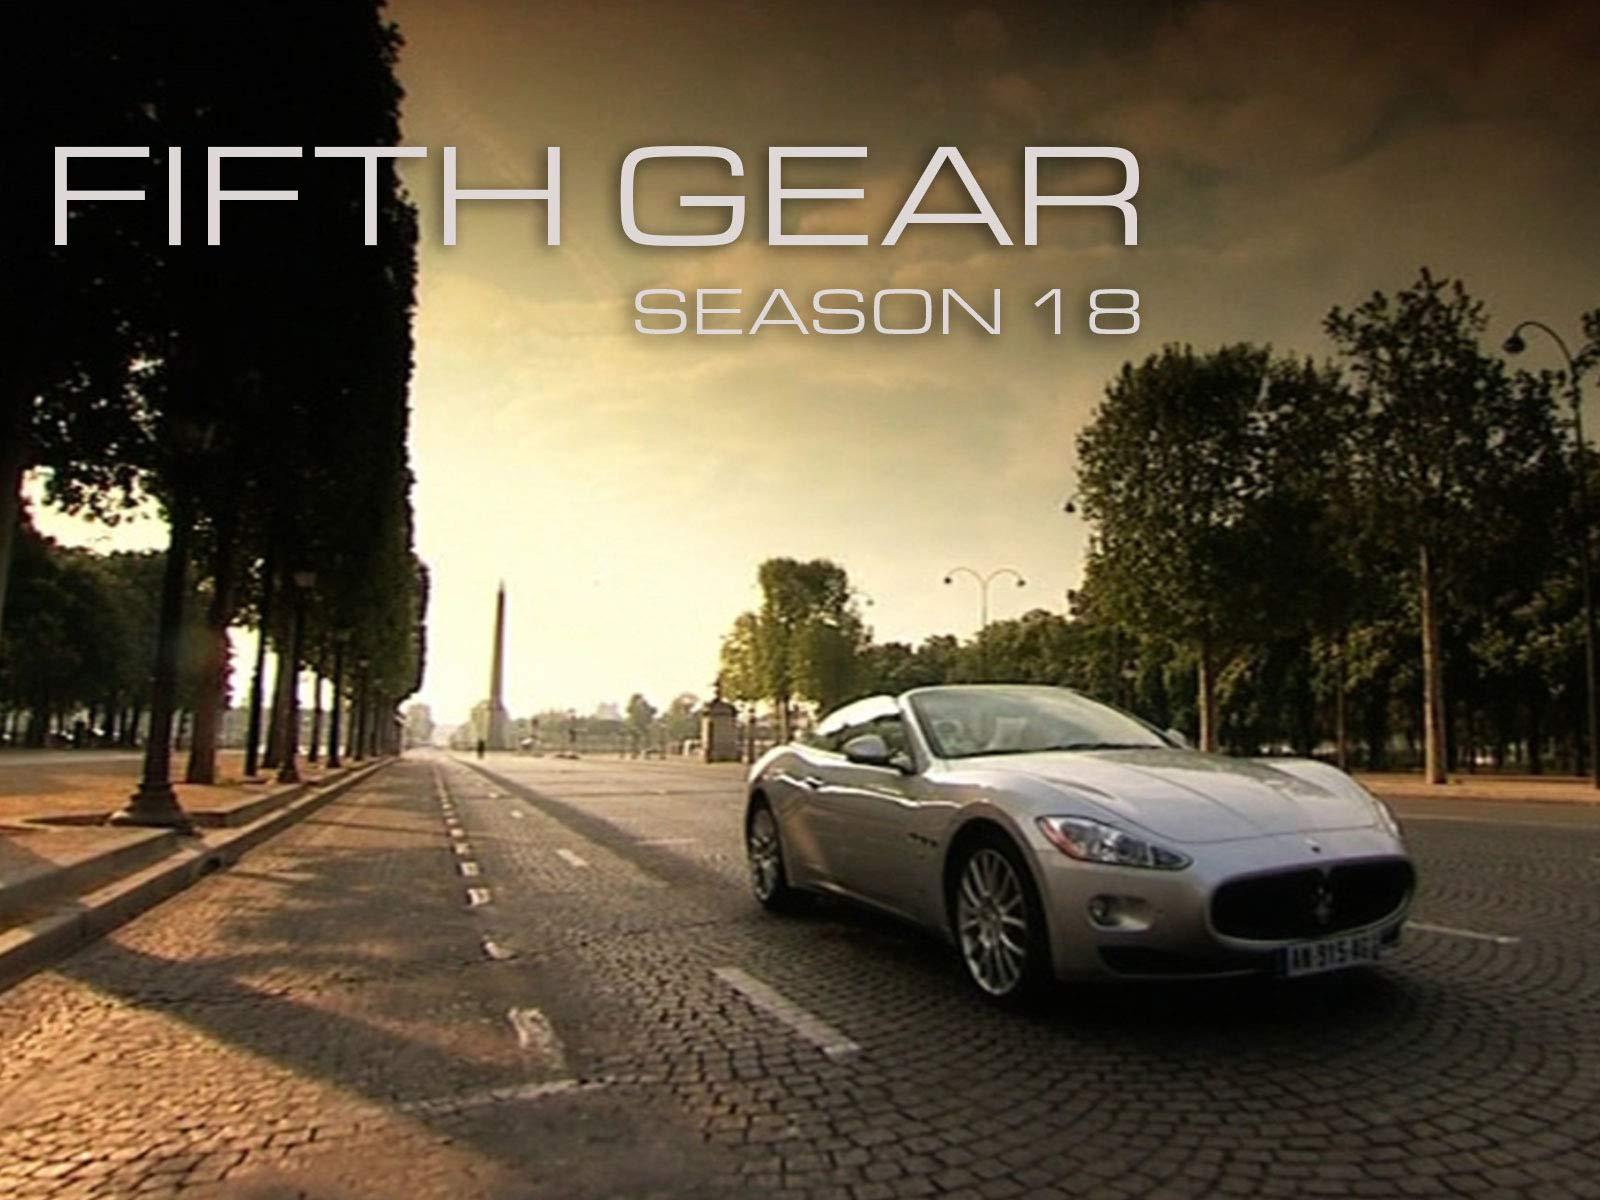 Fifth Gear - Season 18